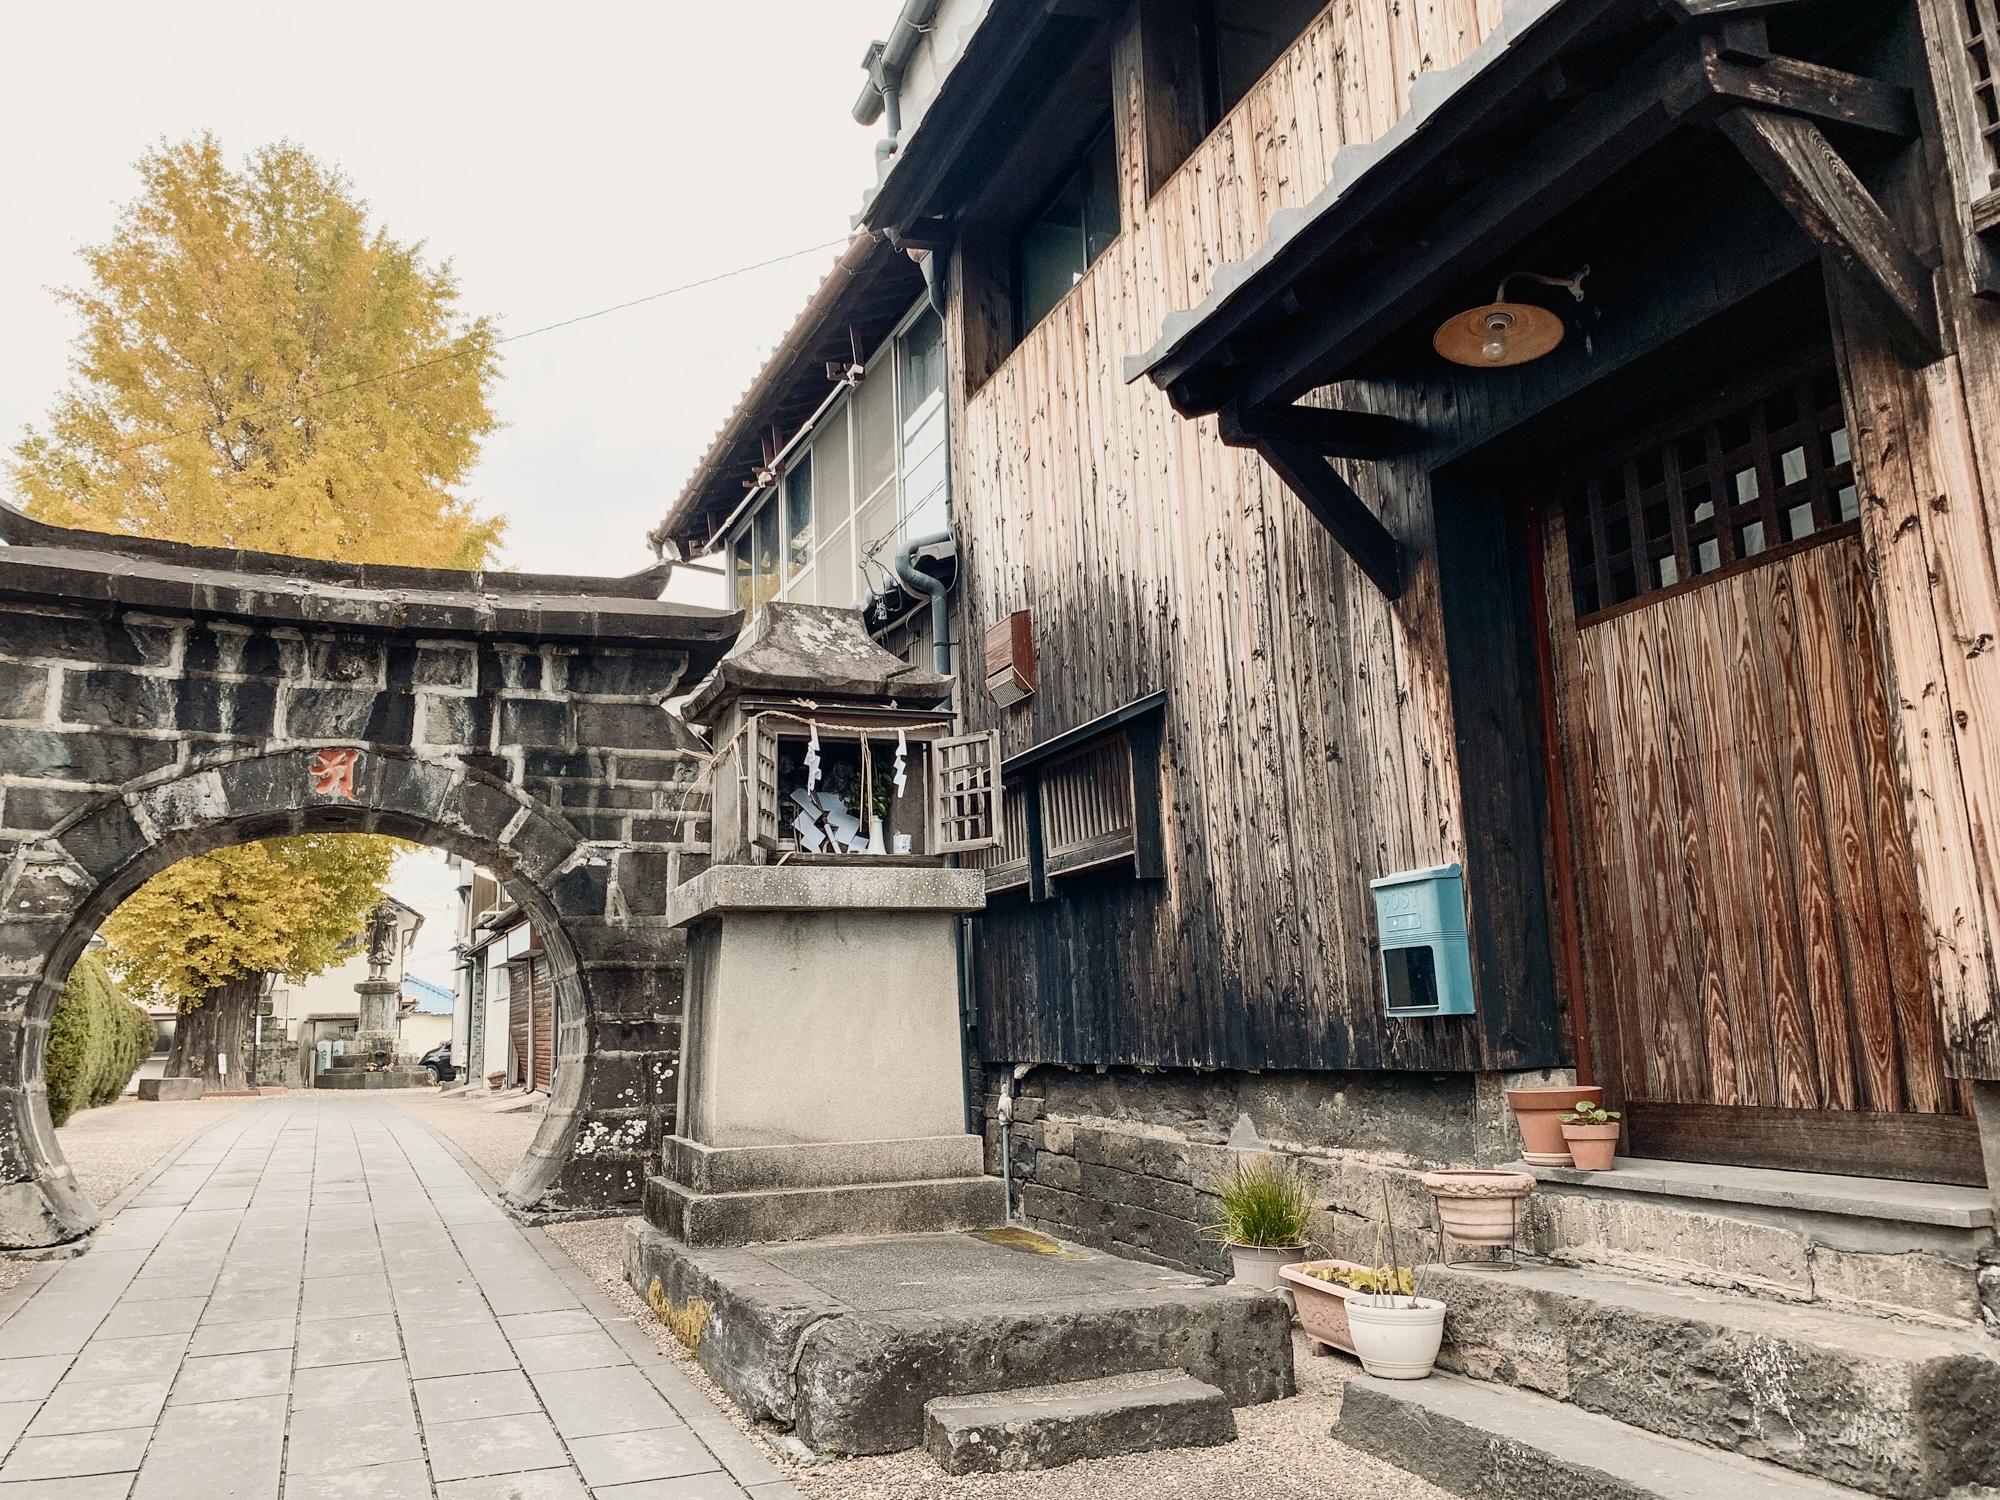 Kyushu Rundreise: Reisetipps, Onsen und Highlights in Japans Süden - Yamaga Onsen